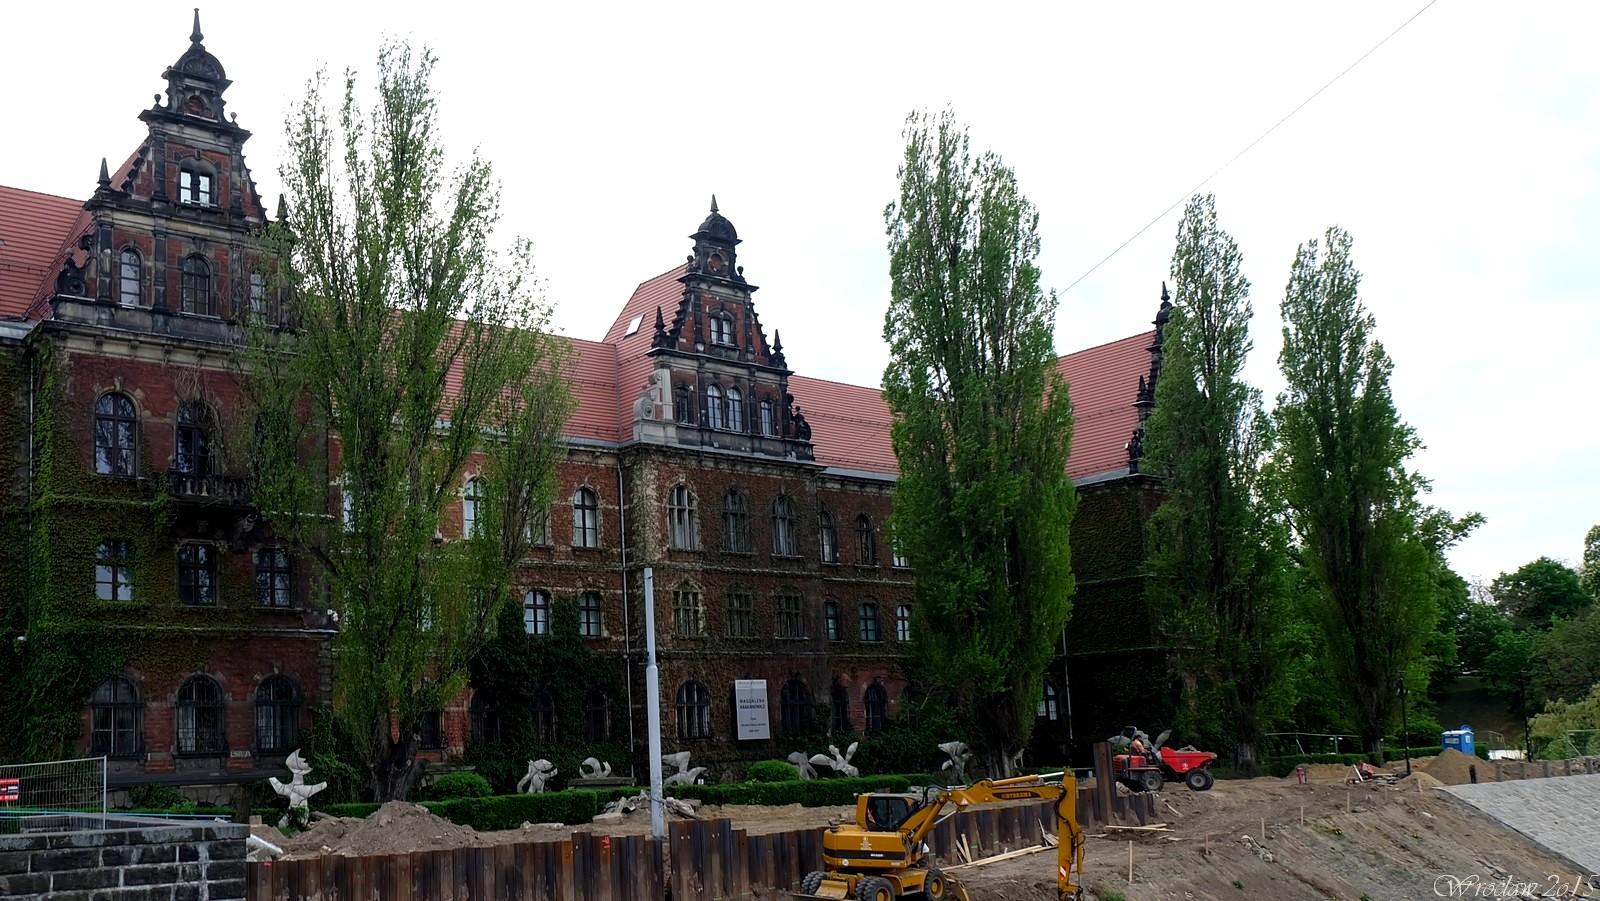 Muzeum Narodowe we Wrocławiu, Poland